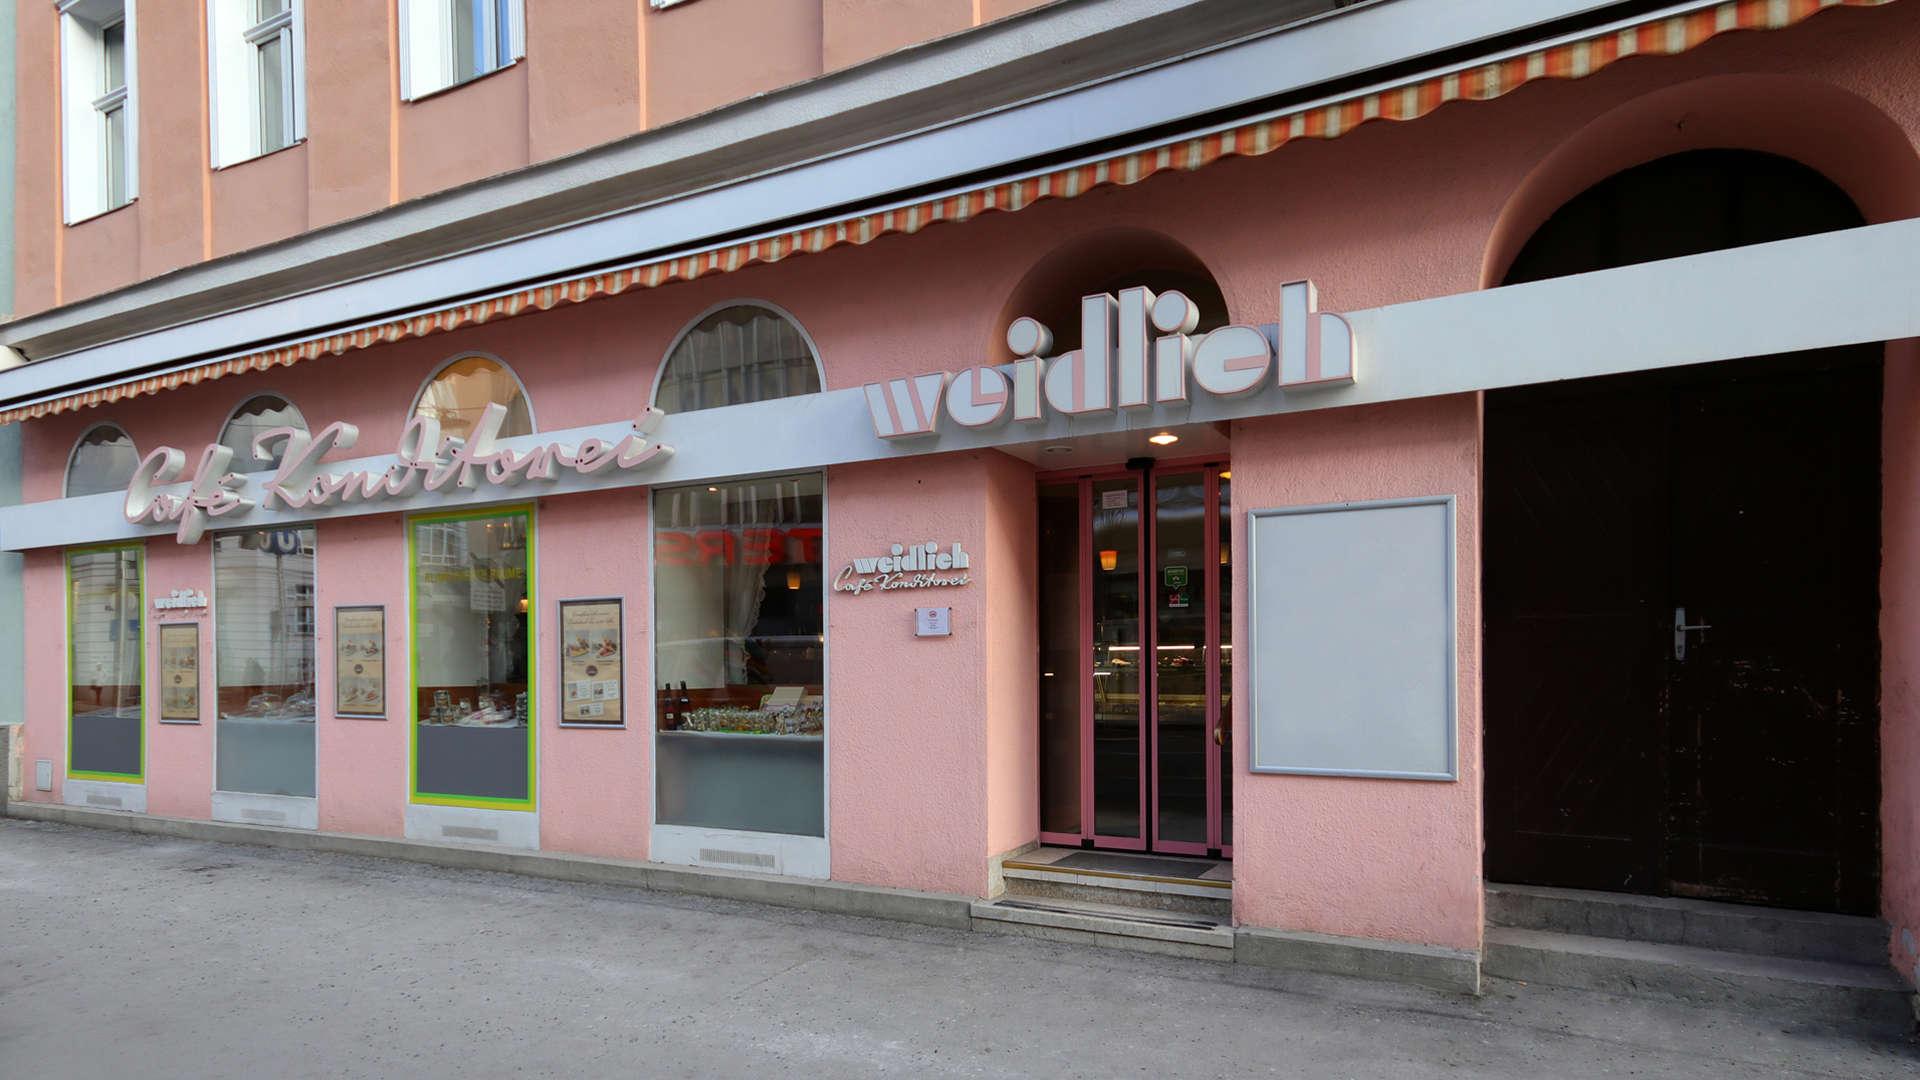 Cafe Weidlich